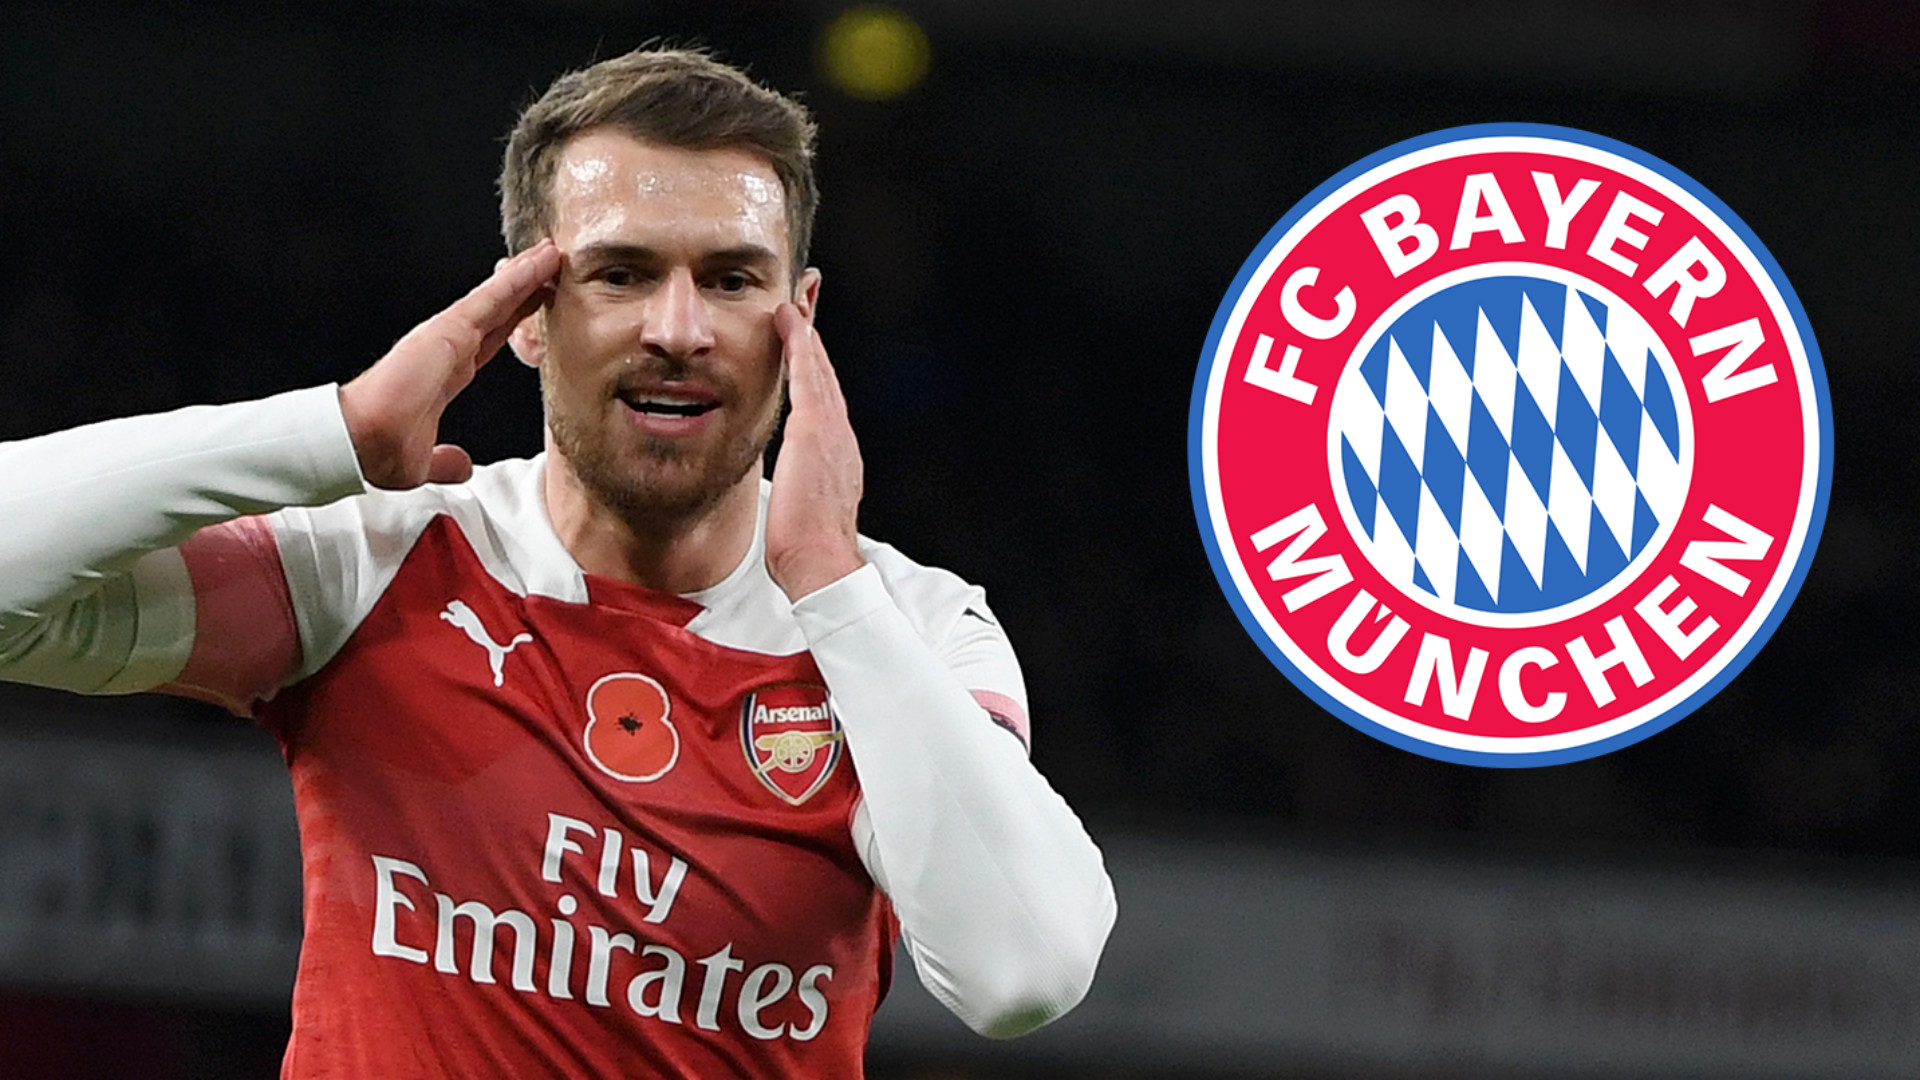 Huyền thoại Arsenal: 'Ramsey đi là tốt cho tất cả' - Bóng Đá